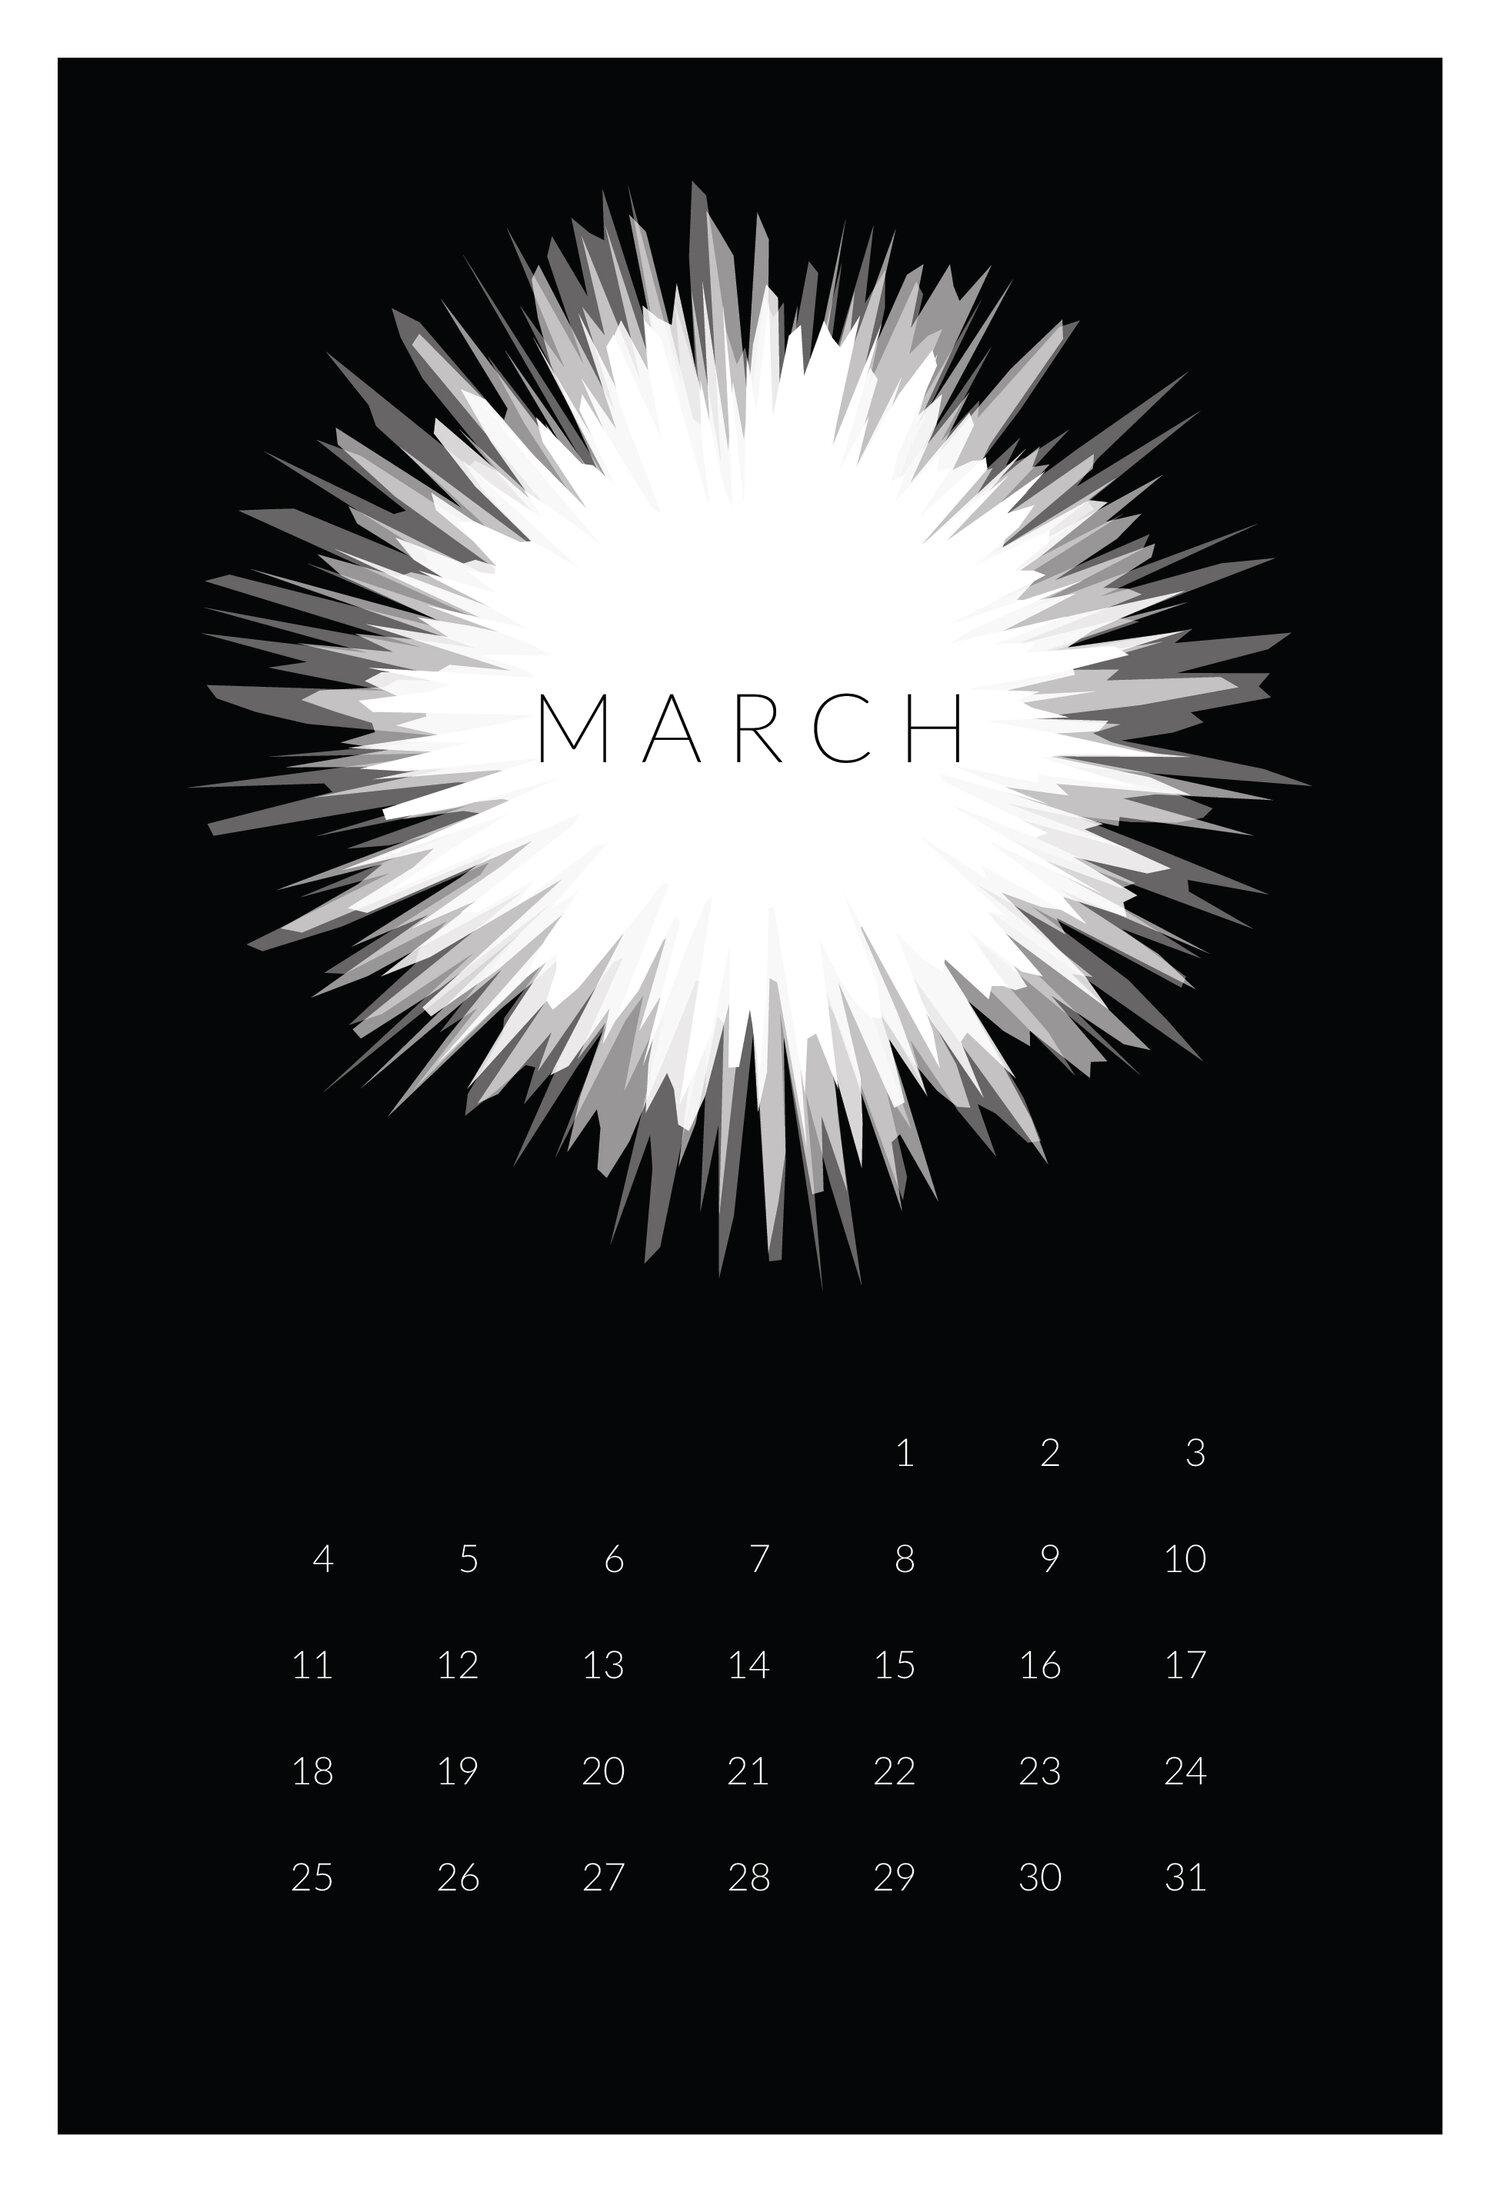 Henrik_Calendar-03.jpg